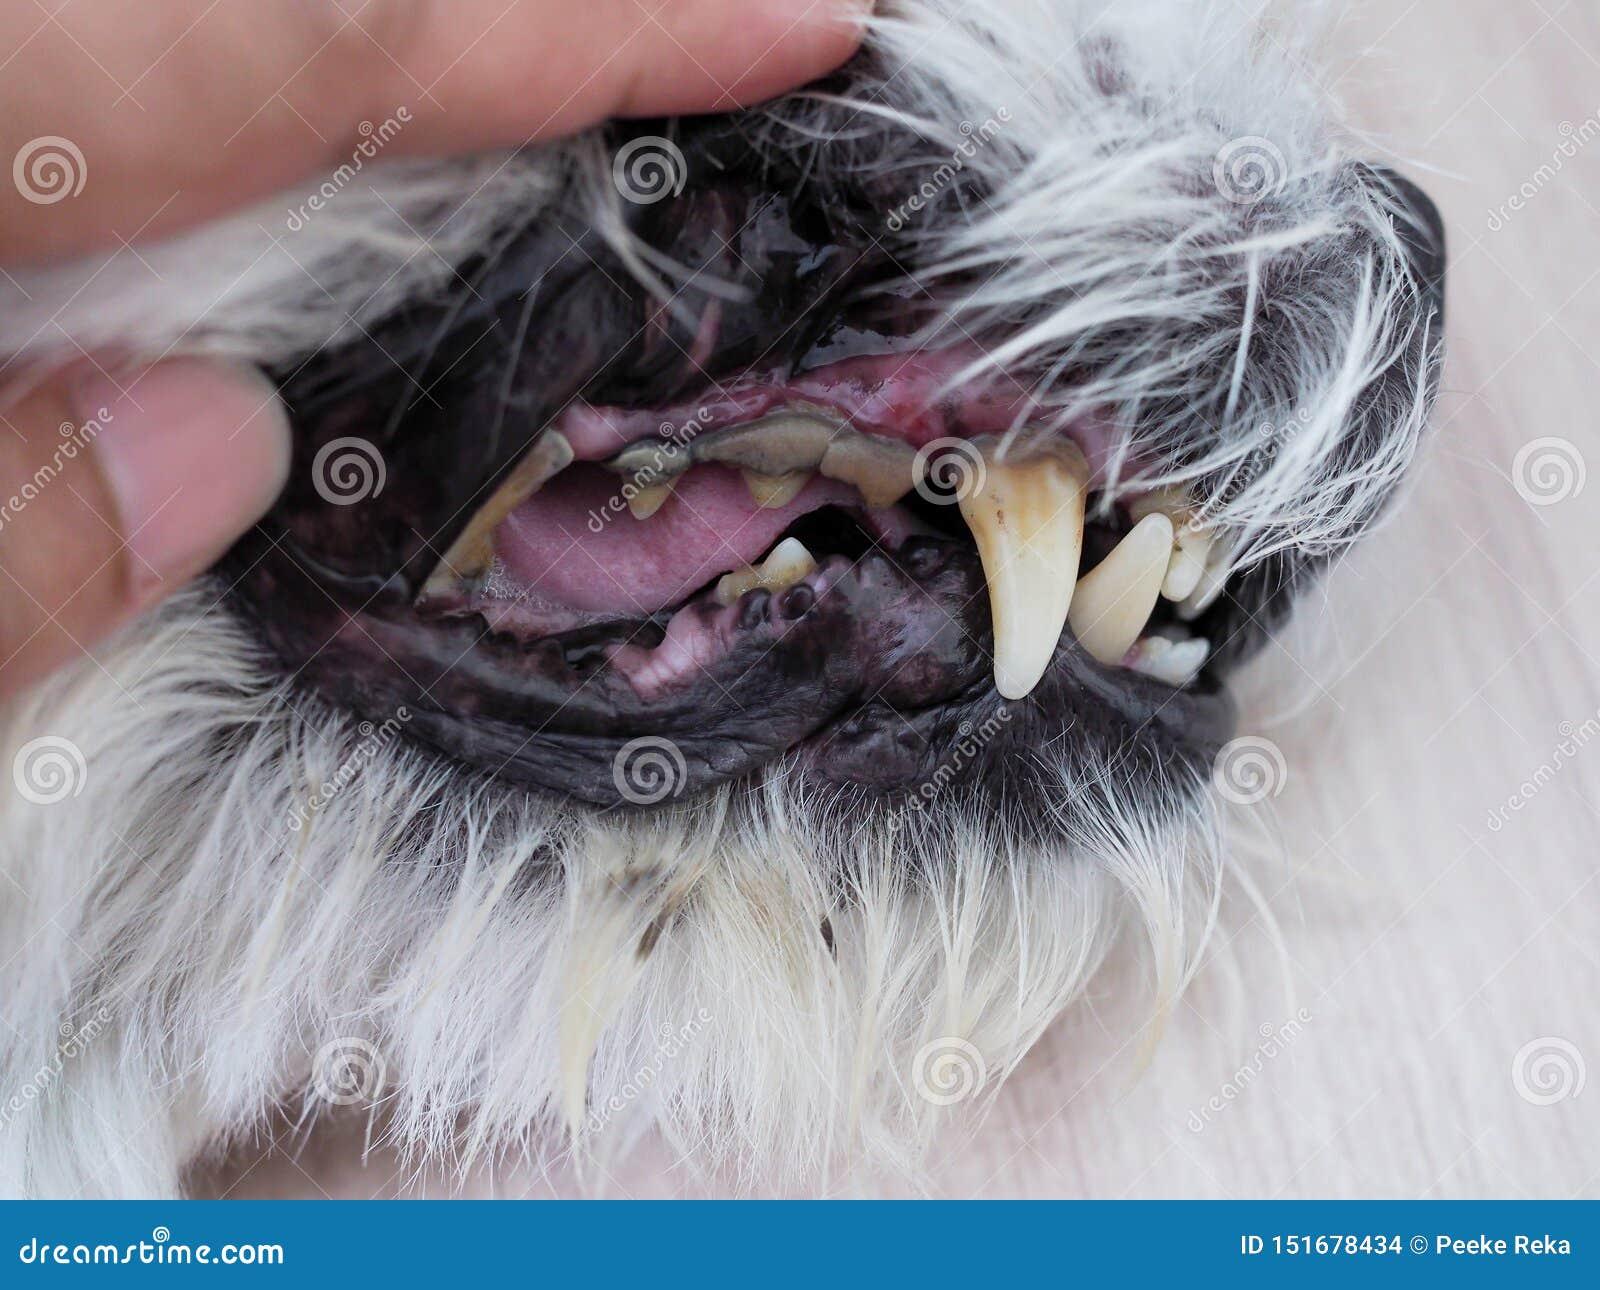 Zdrowie z usta Toothache, zębu gnicie i wapień plamy psi,